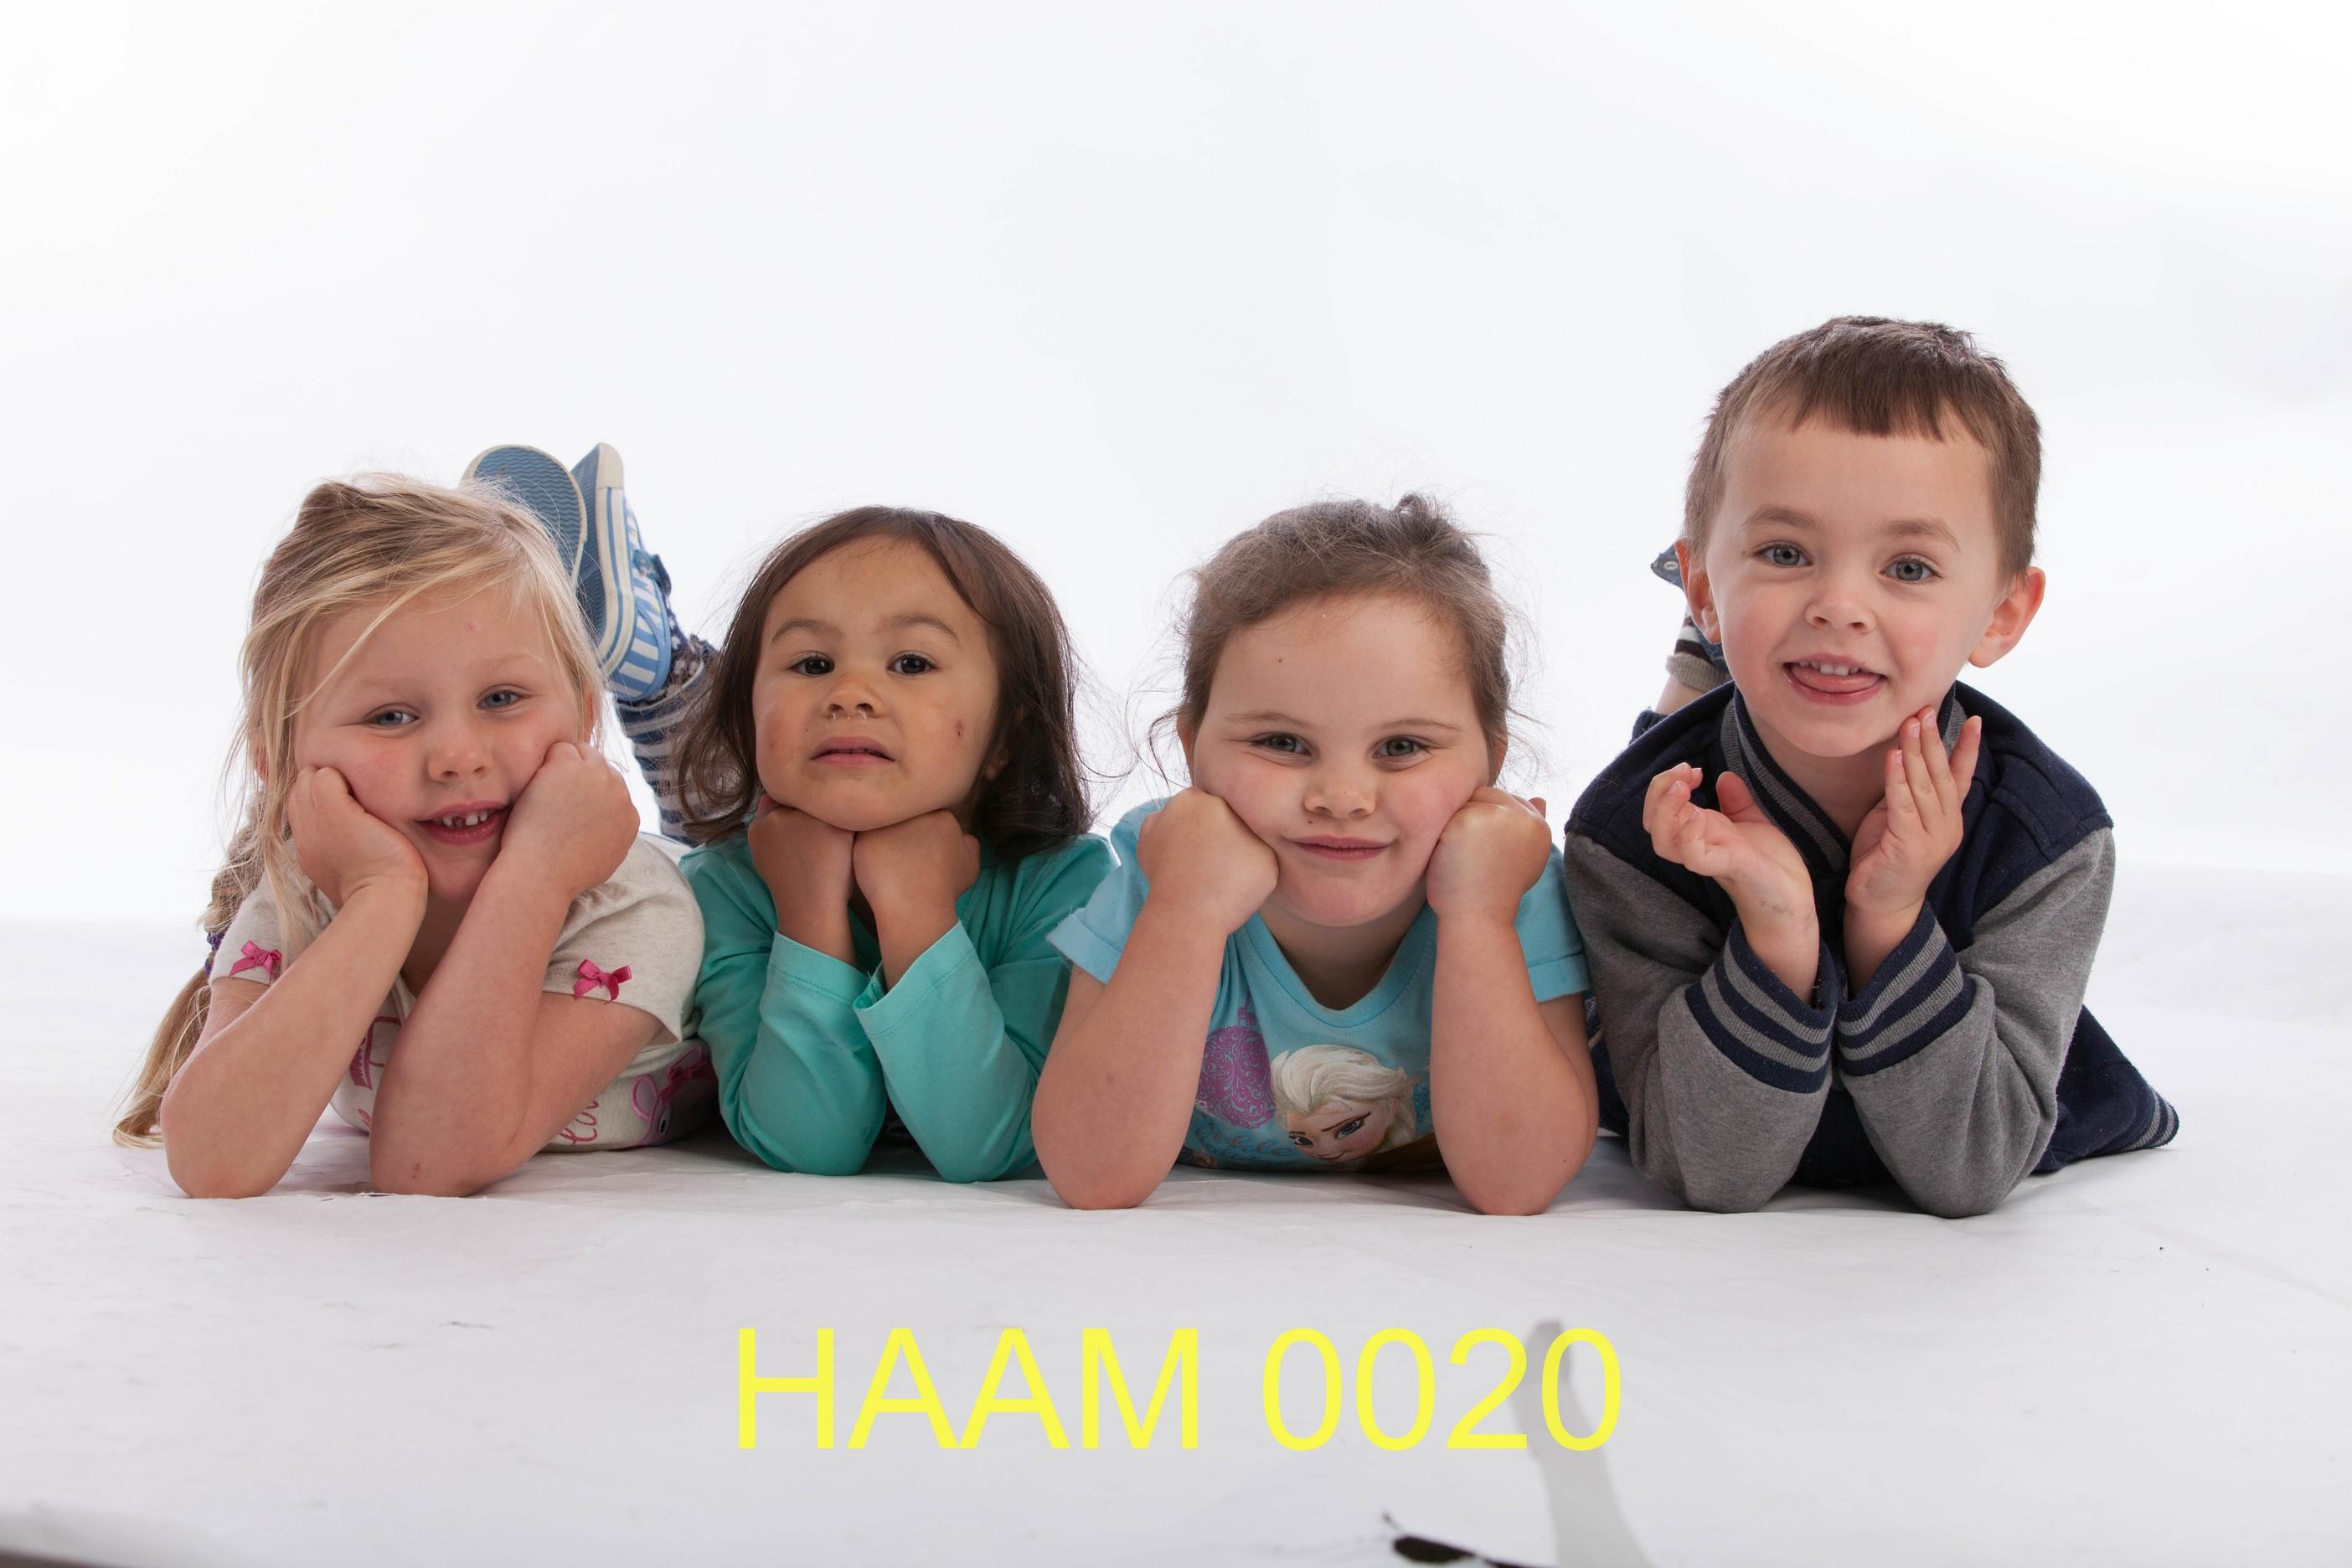 HAAM 0020